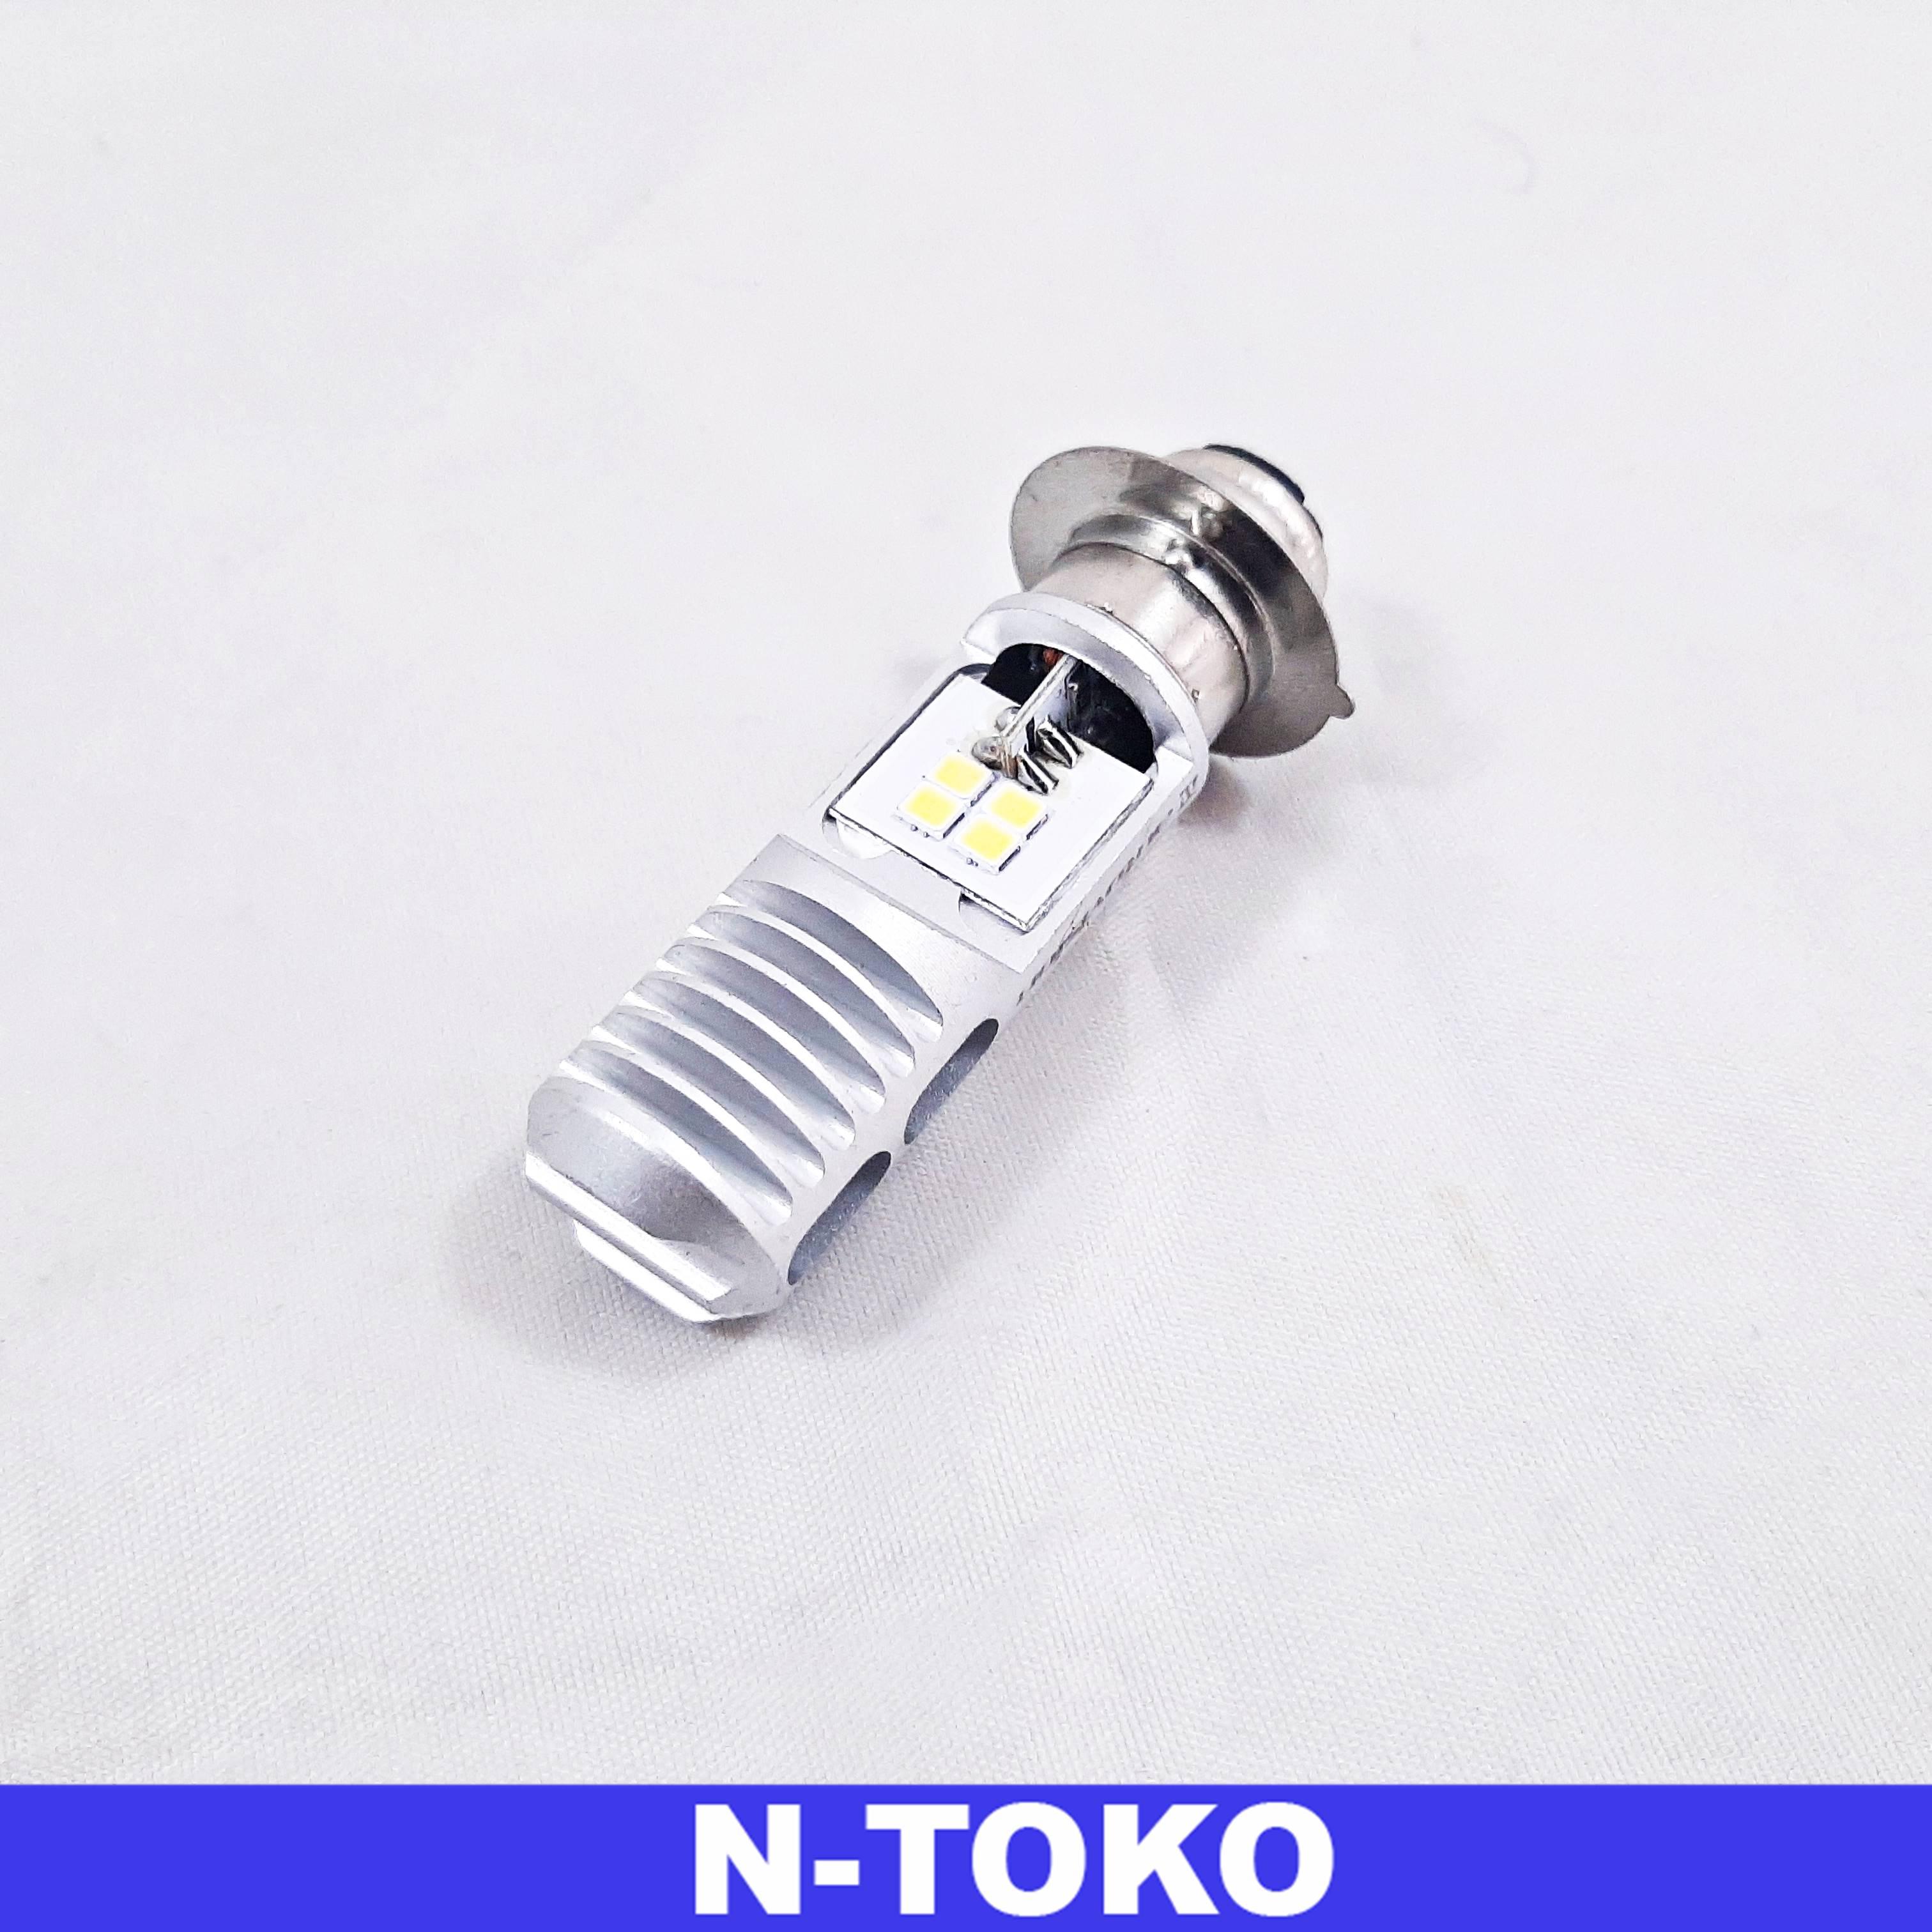 Lampu Bohlam LED Motor Bebek Matic Cahaya Putih Socket H6 Autovision